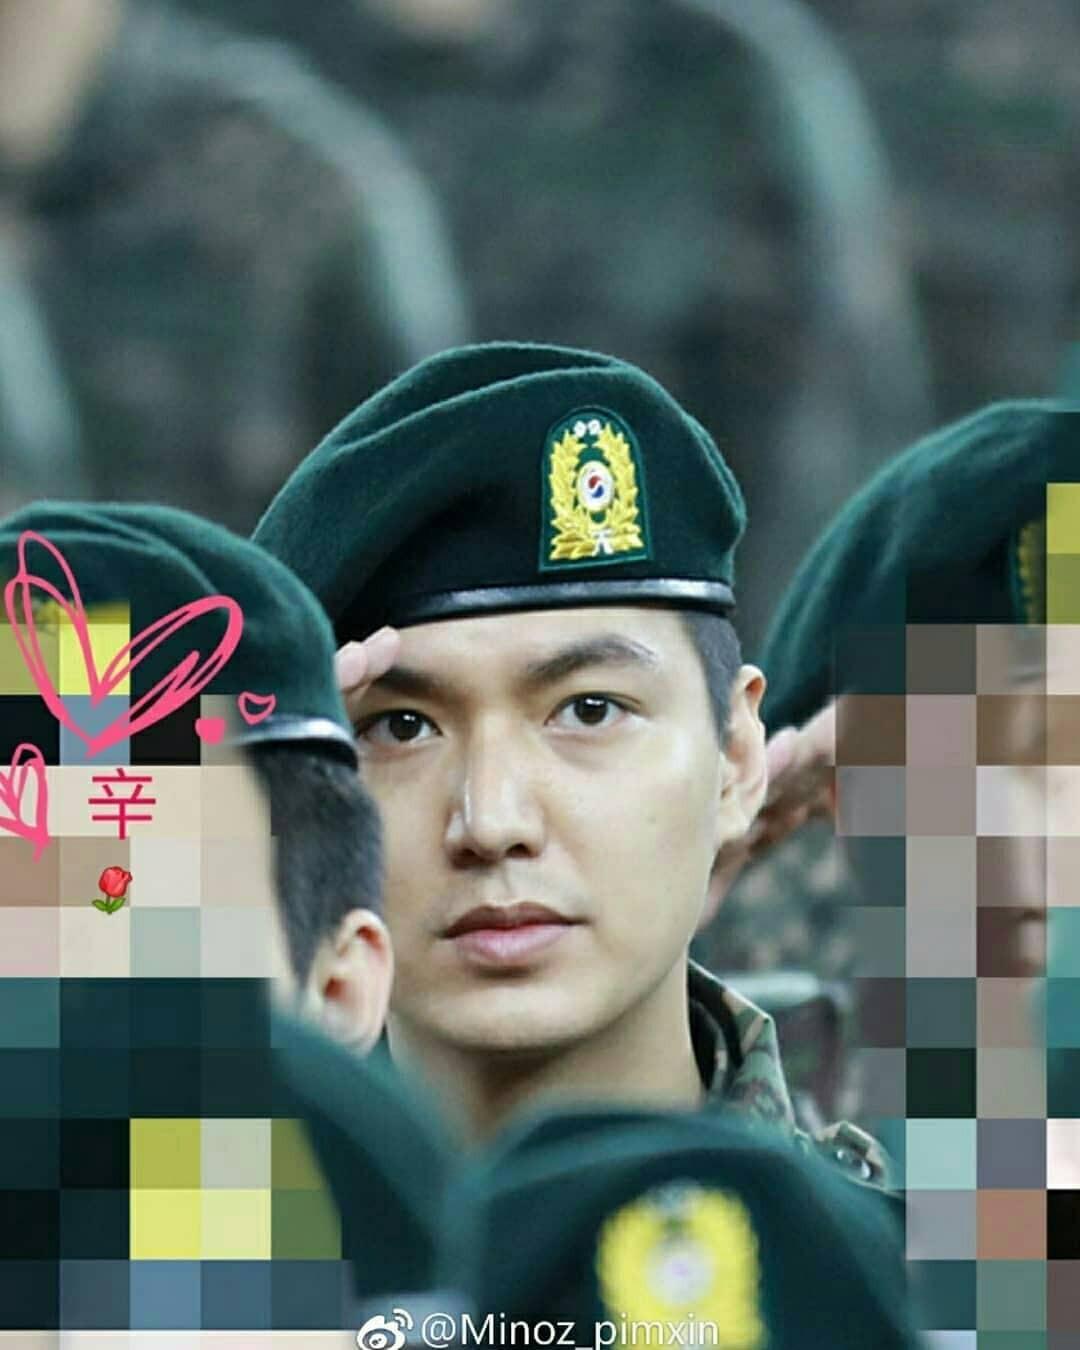 Tài tử Lee Min Ho béo phù cả mặt, ngày càng xuống sắc khi để nhan sắc mộc 100% trong quân ngũ - Ảnh 8.